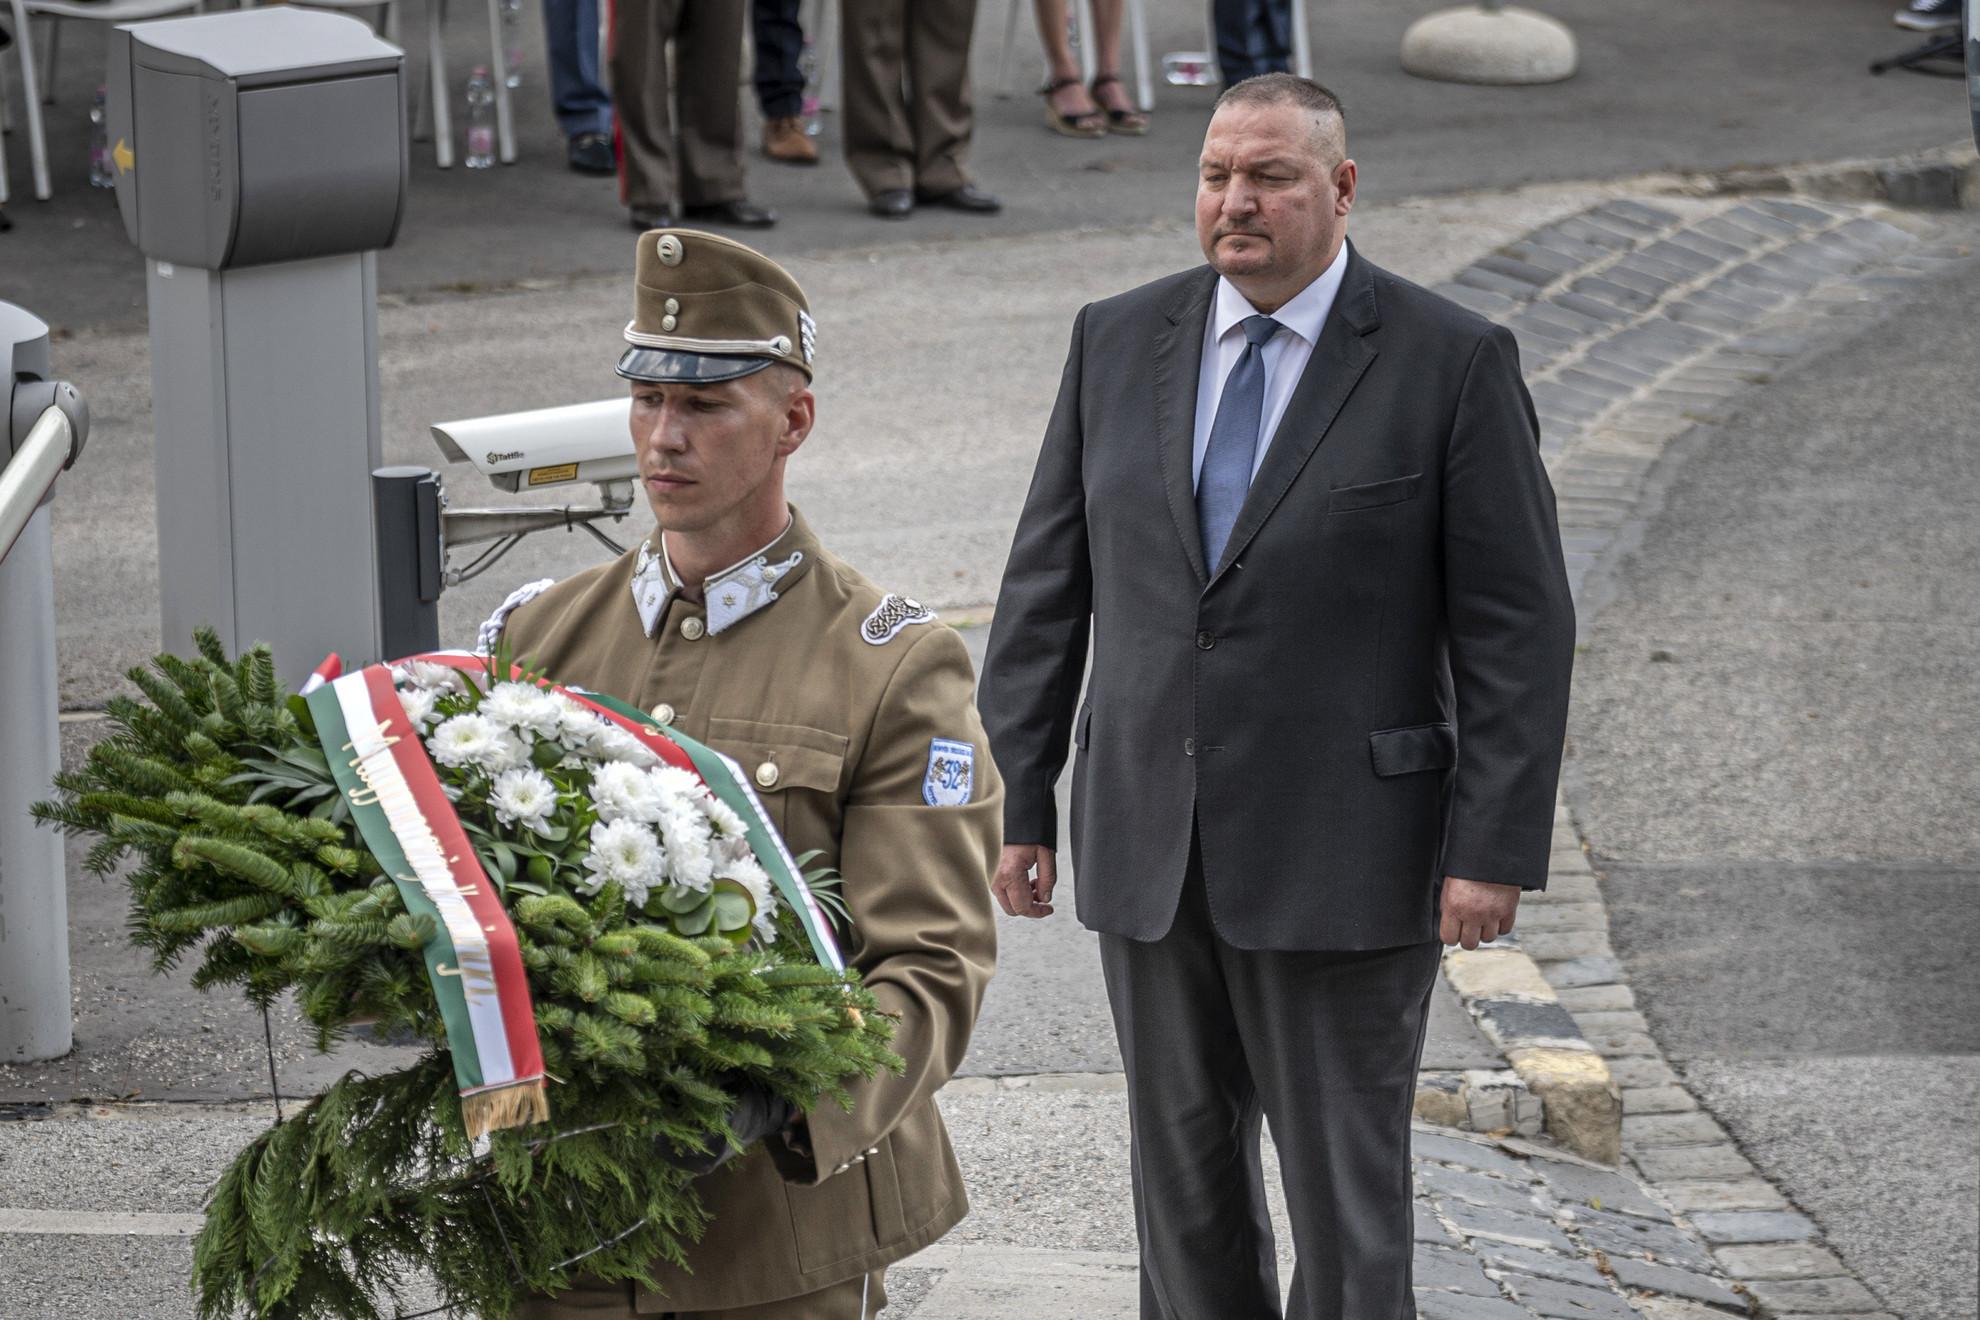 Németh Szilárd, a Honvédelmi Minisztérium (HM) parlamenti államtitkára megkoszorúzza Hunyadi János szobrát az 1456-os nándorfehérvári csata évfordulóján, a nándorfehérvári diadal emléknapján a budai Várnál 2020. július 22-én